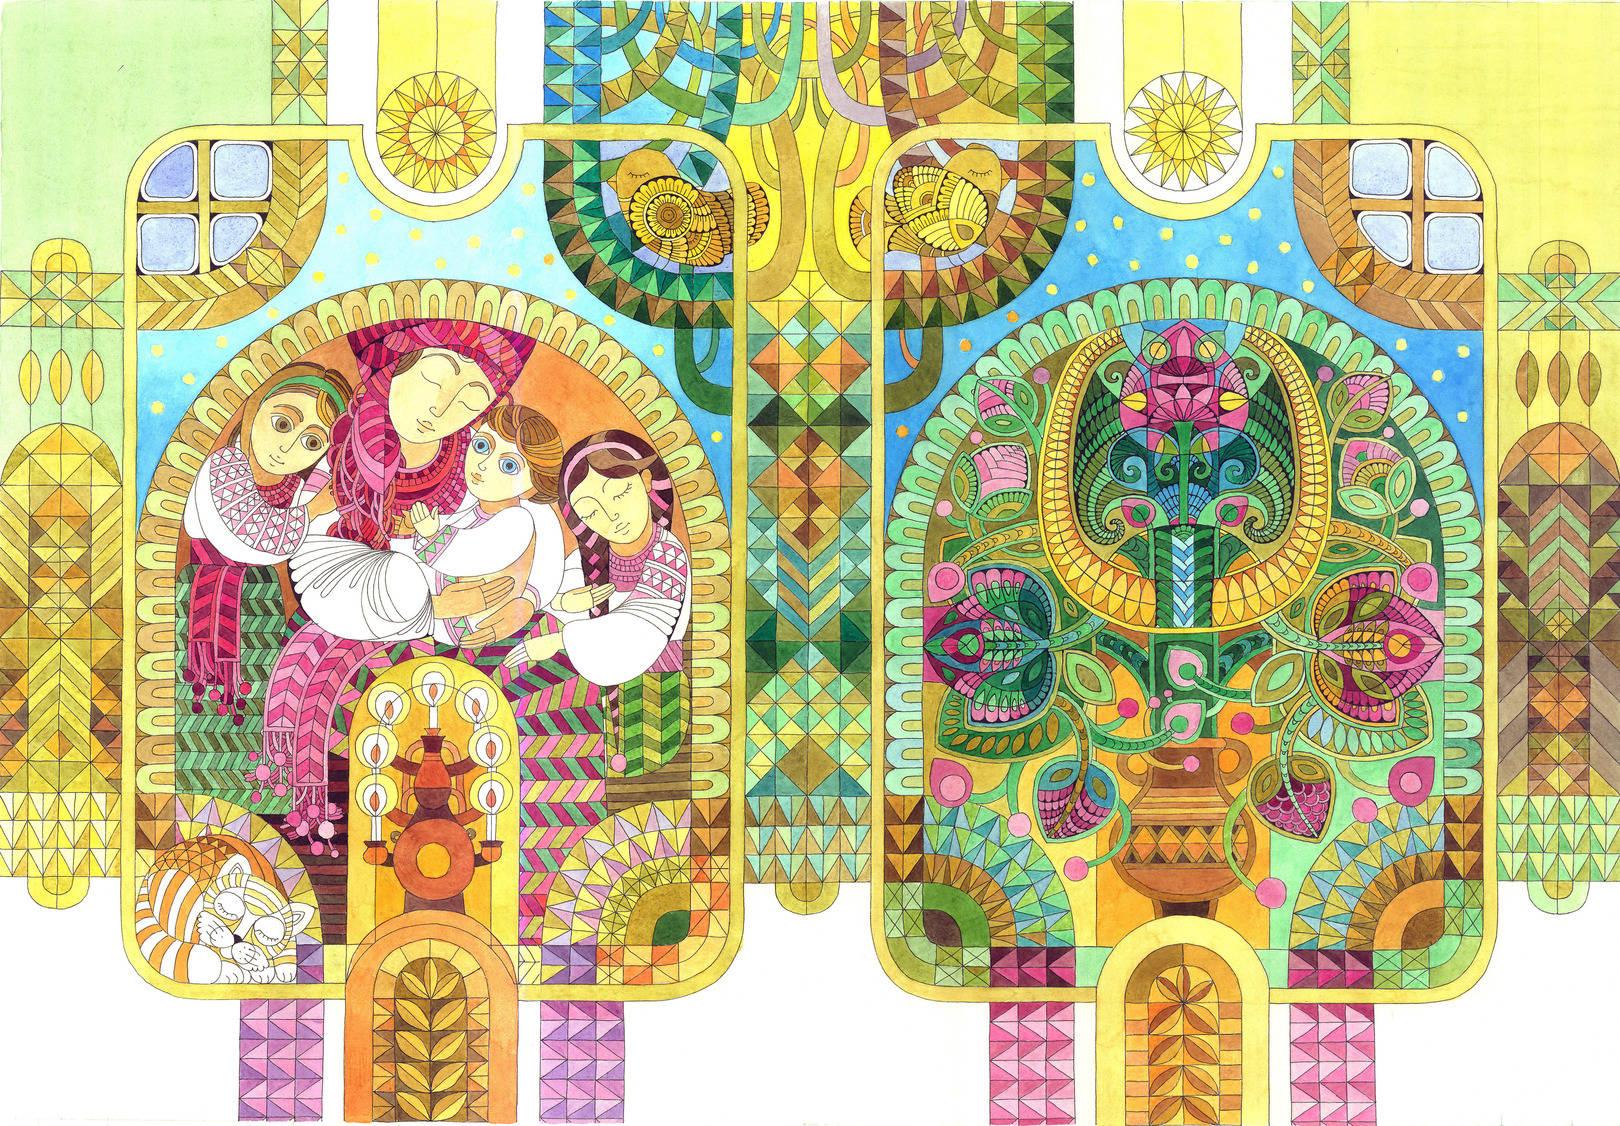 """Иллюстрация к книге """"Бабусина колискова"""". Материал: бумага, линер, акварель."""